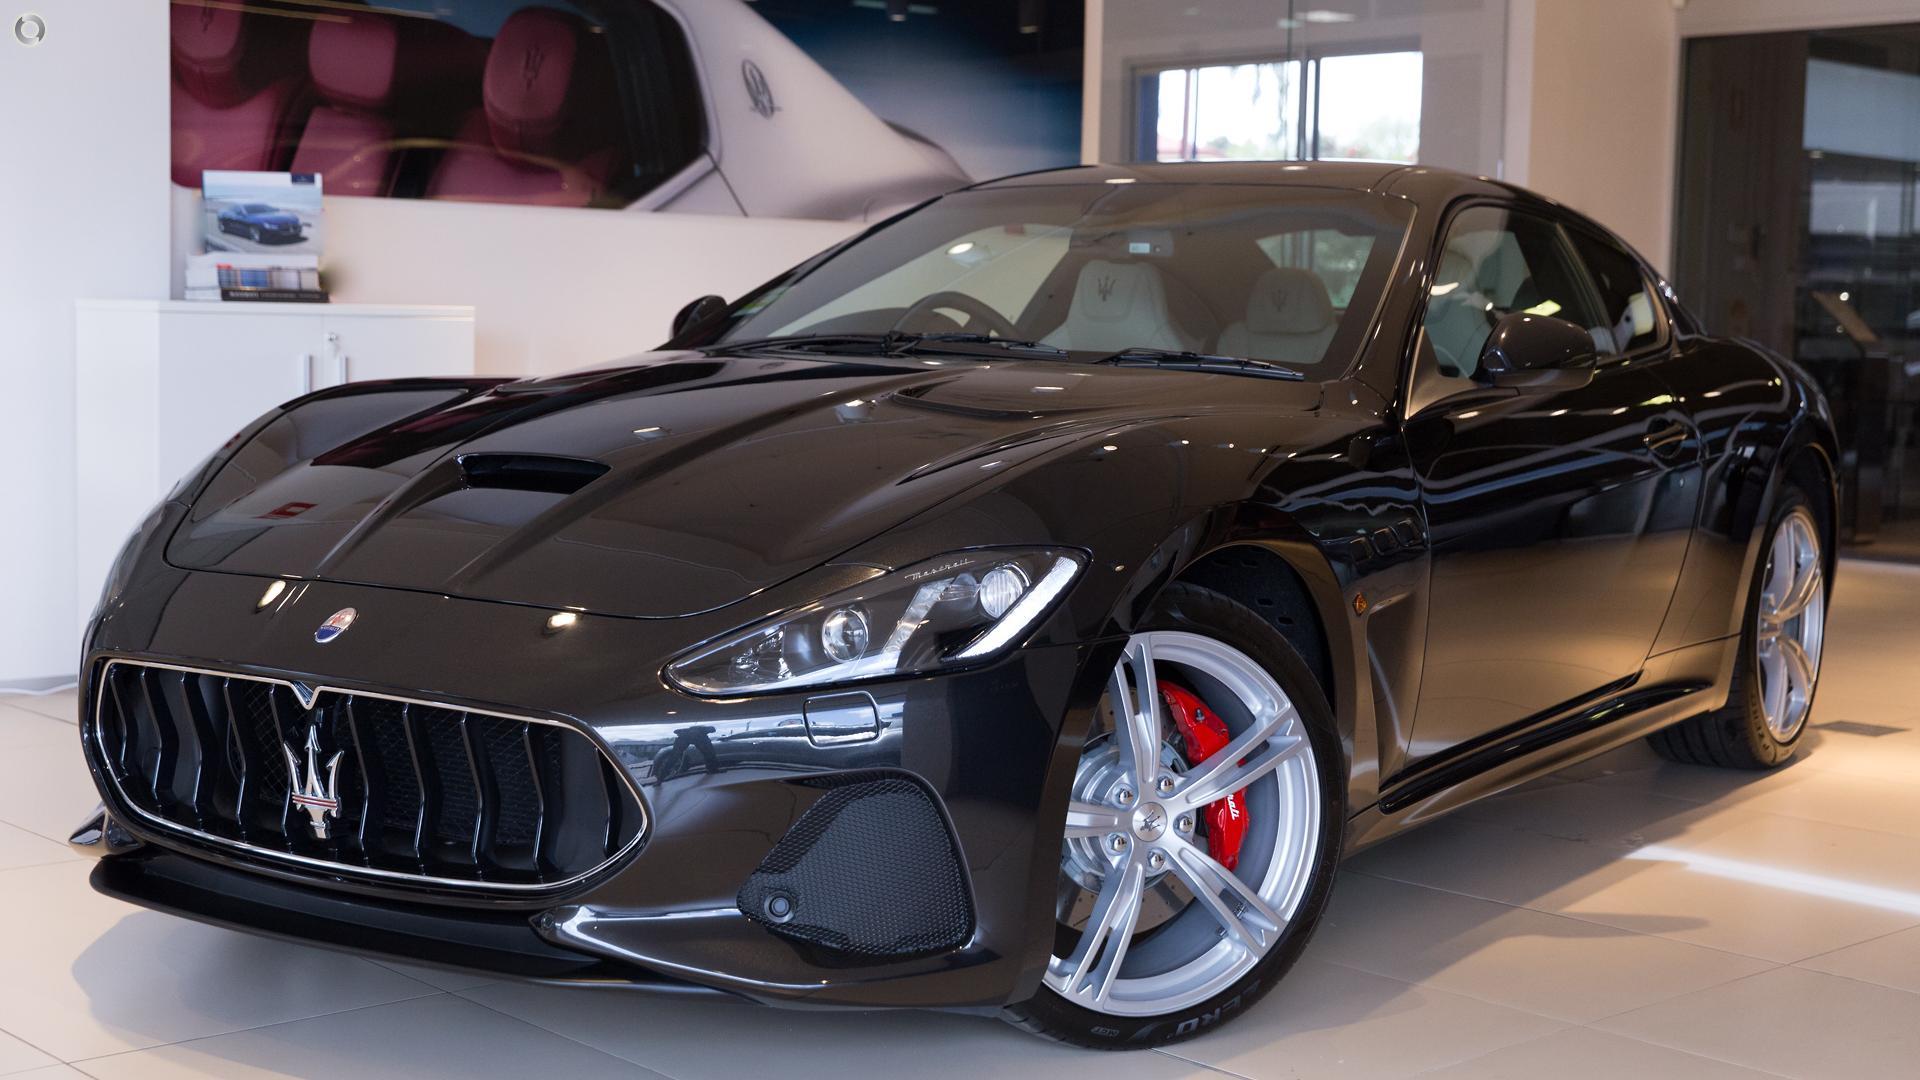 2019 Maserati GranTurismo M145